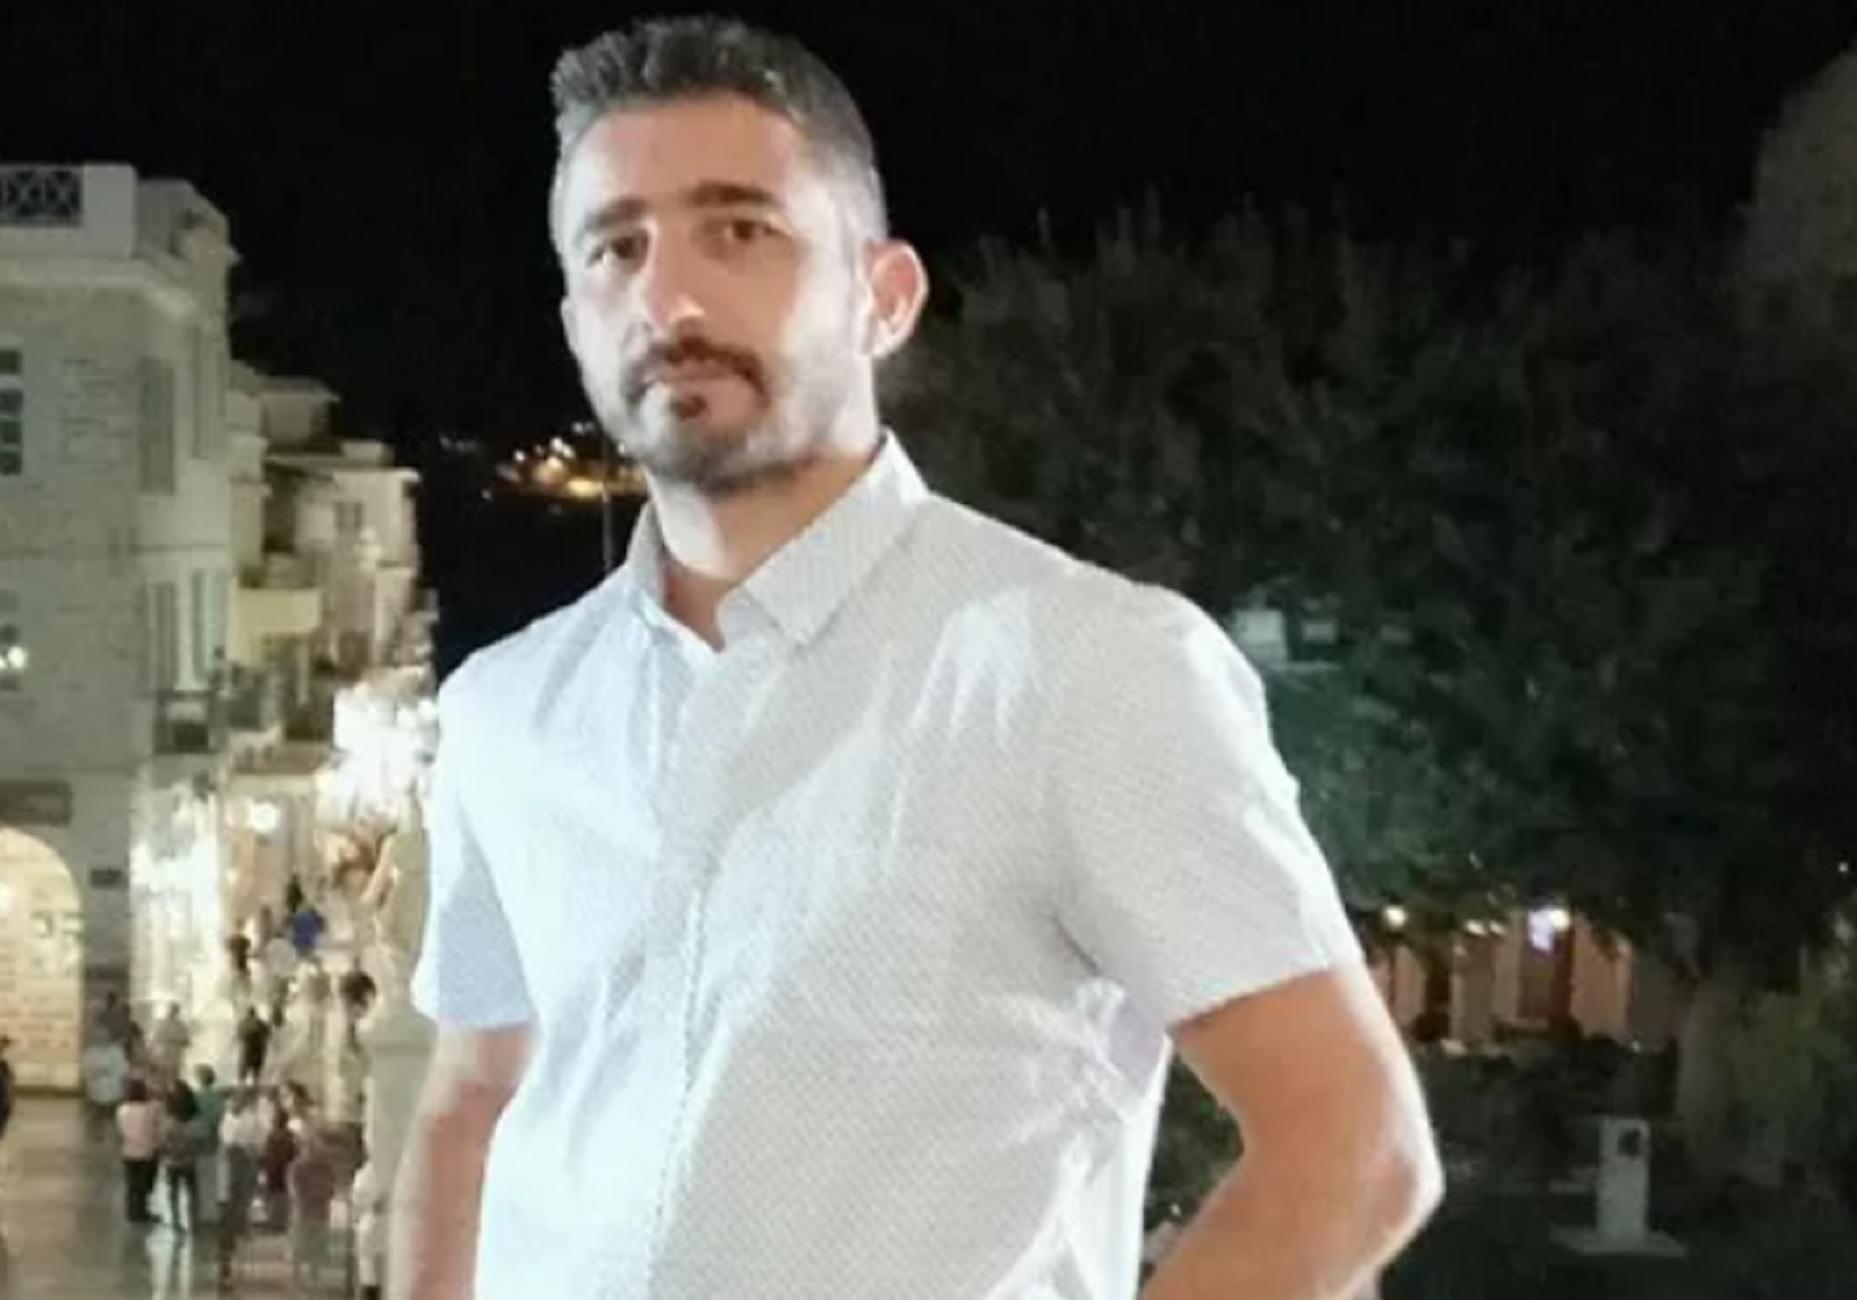 Τρίκαλα: Νεκρός σε φοβερό τροχαίο ο Λεωνίδας Ρούσσας – Το δυστύχημα που σκόρπισε πόνο και θλίψη